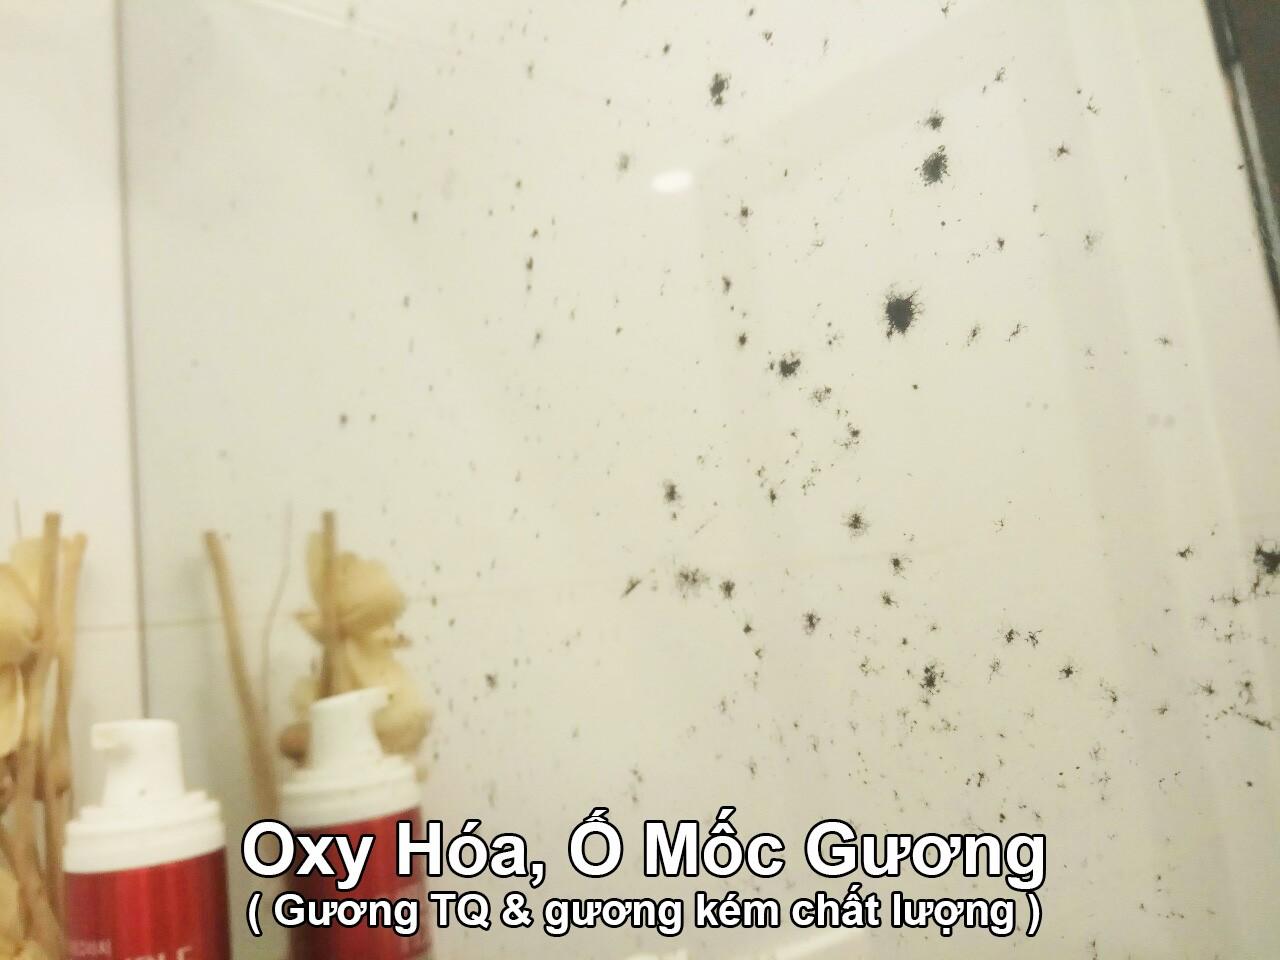 Kết quả hình ảnh cho oxy hóa gương